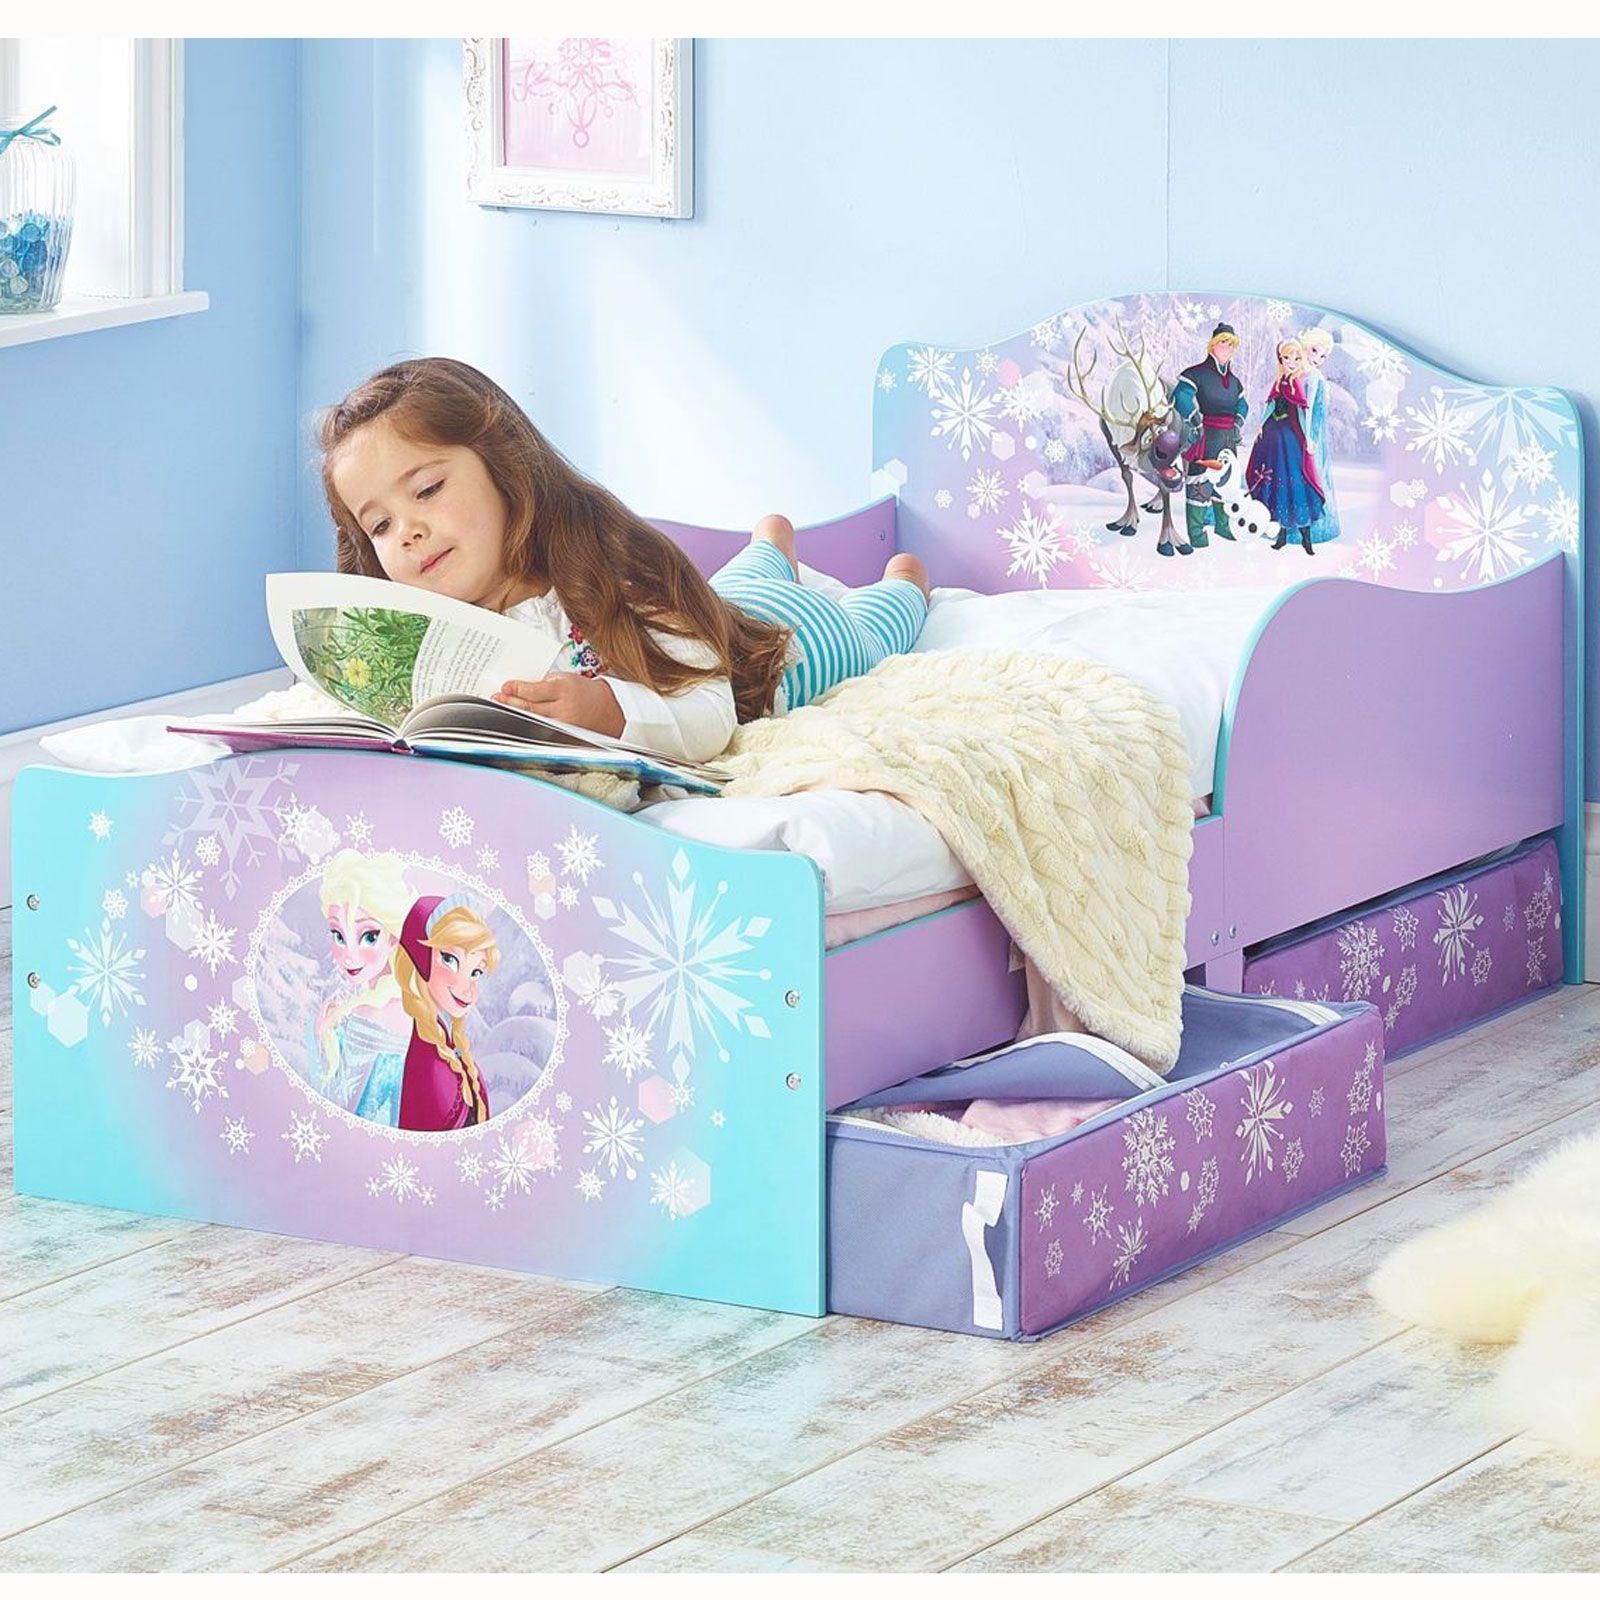 disney frozen mdf kleinkind bett mit unterbett. Black Bedroom Furniture Sets. Home Design Ideas